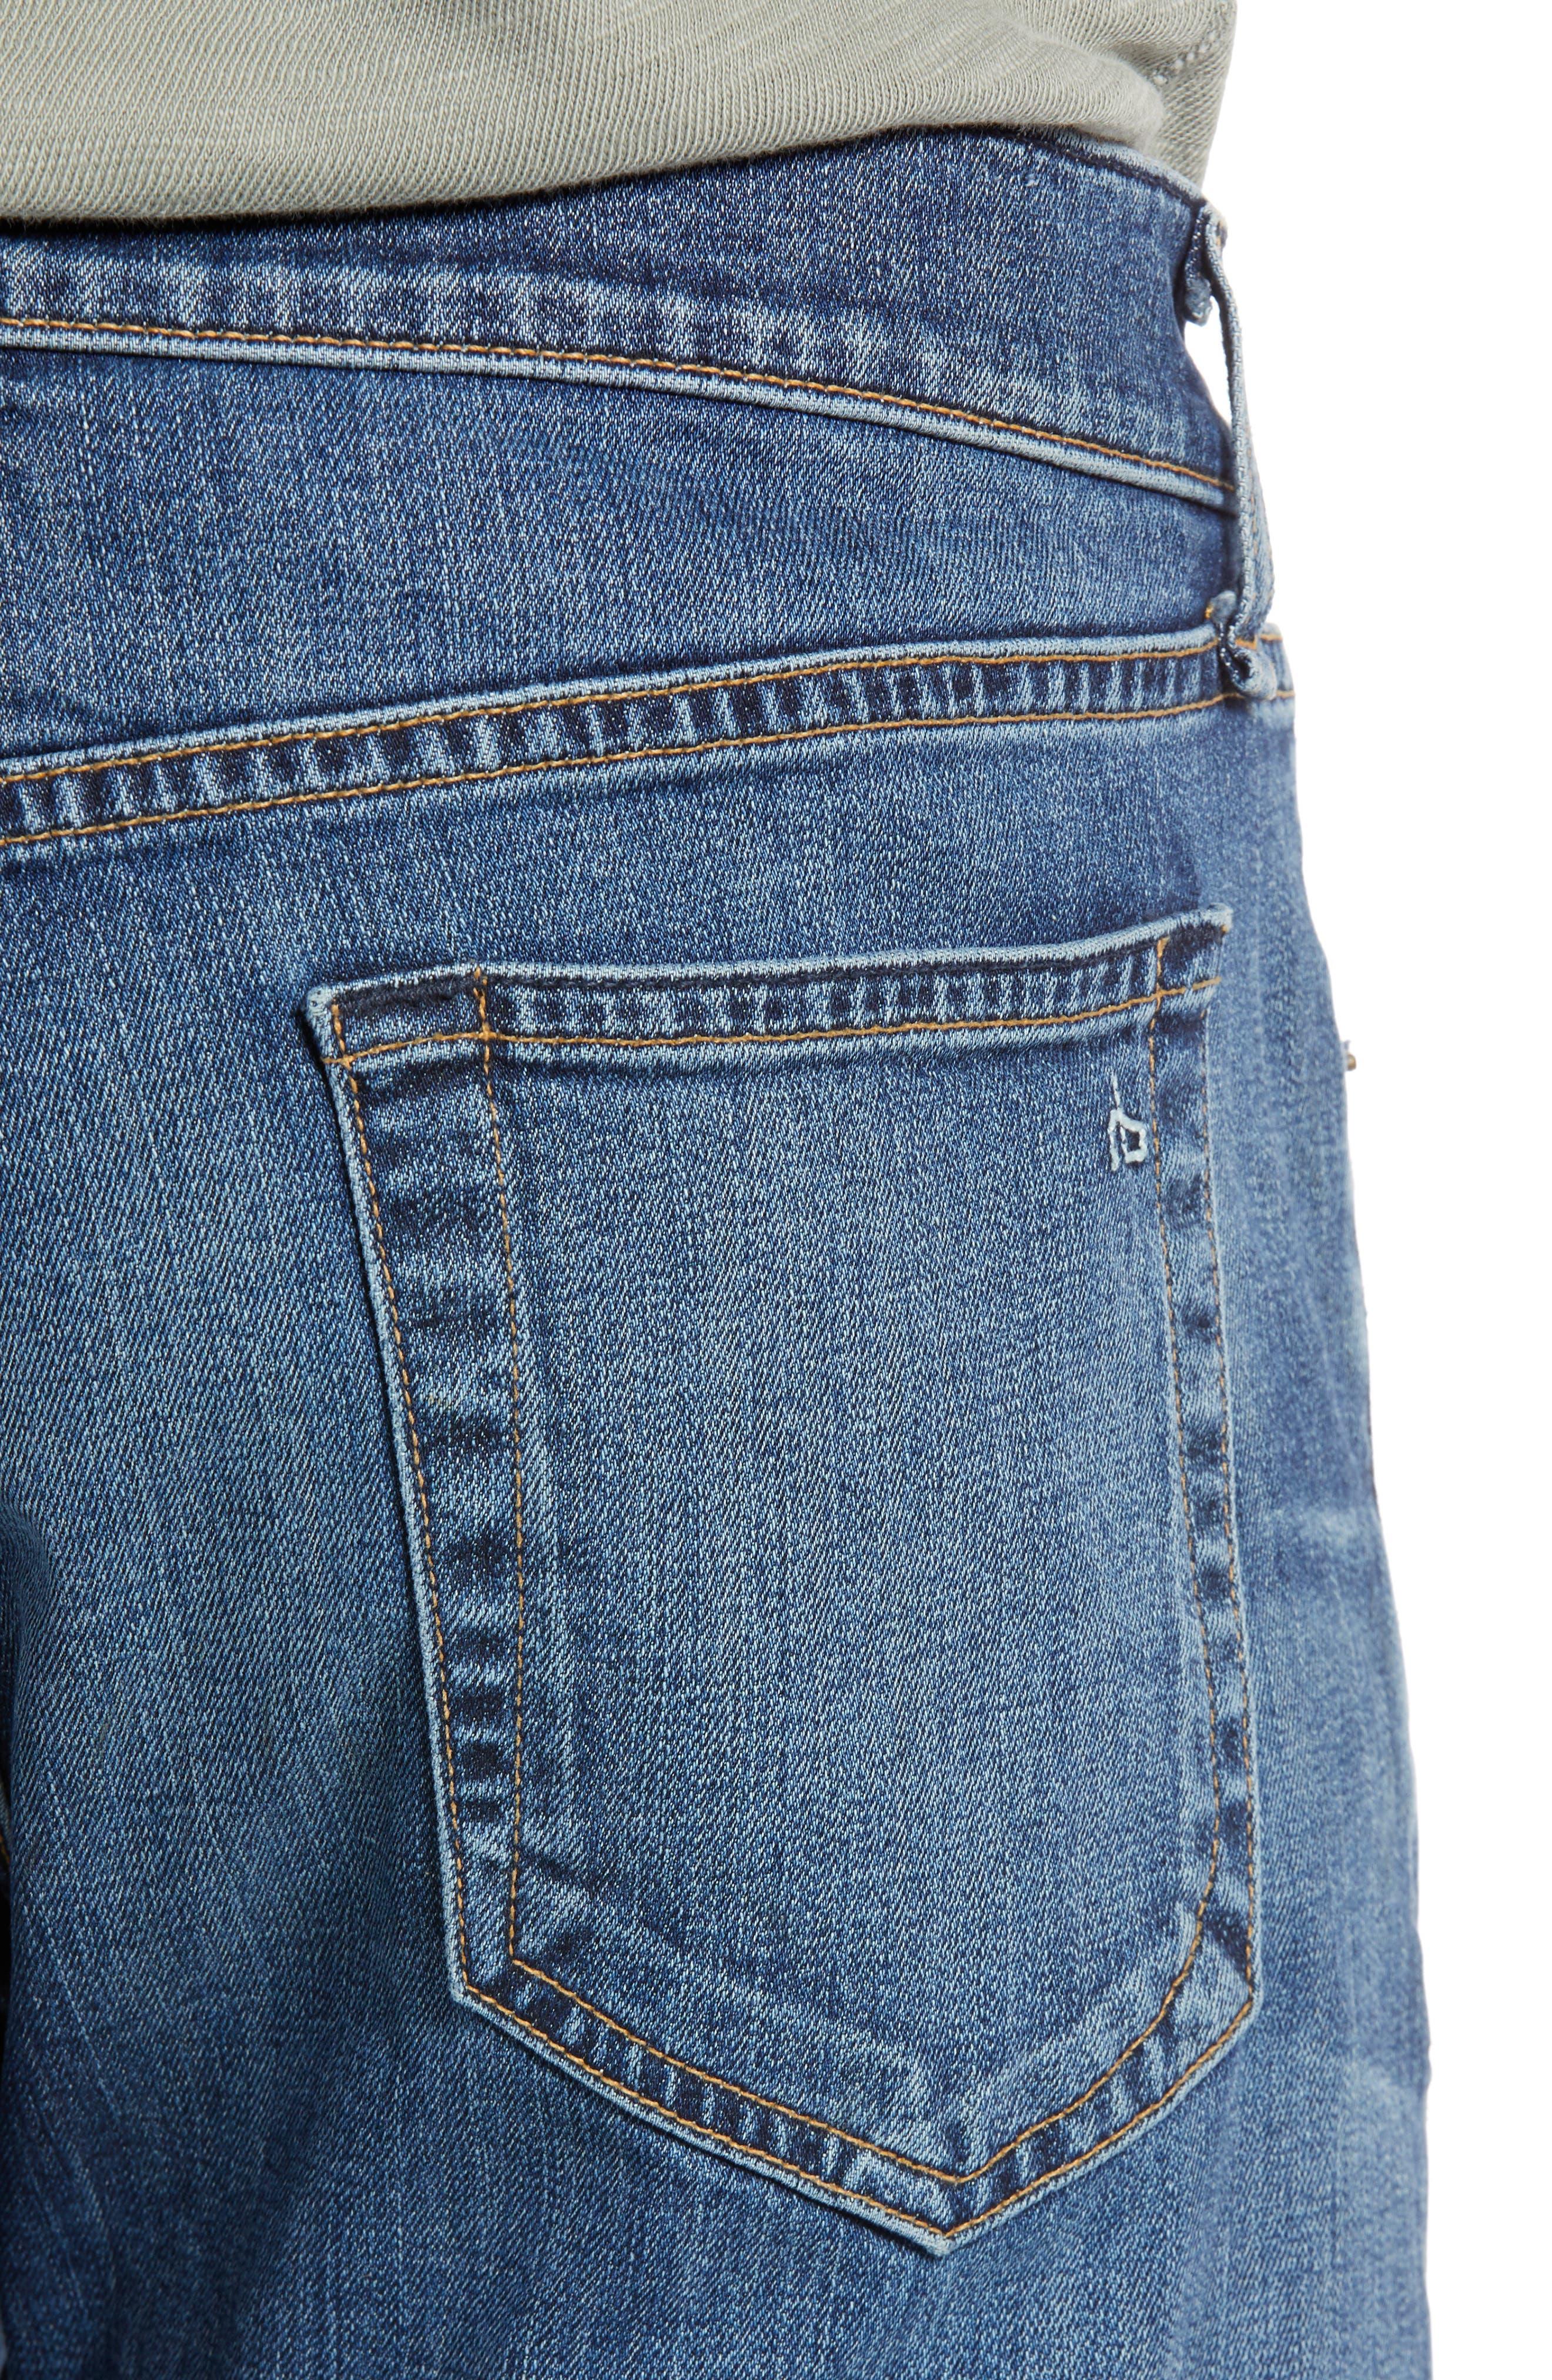 RAG & BONE, Fit 2 Slim Fit Jeans, Alternate thumbnail 5, color, THROOP